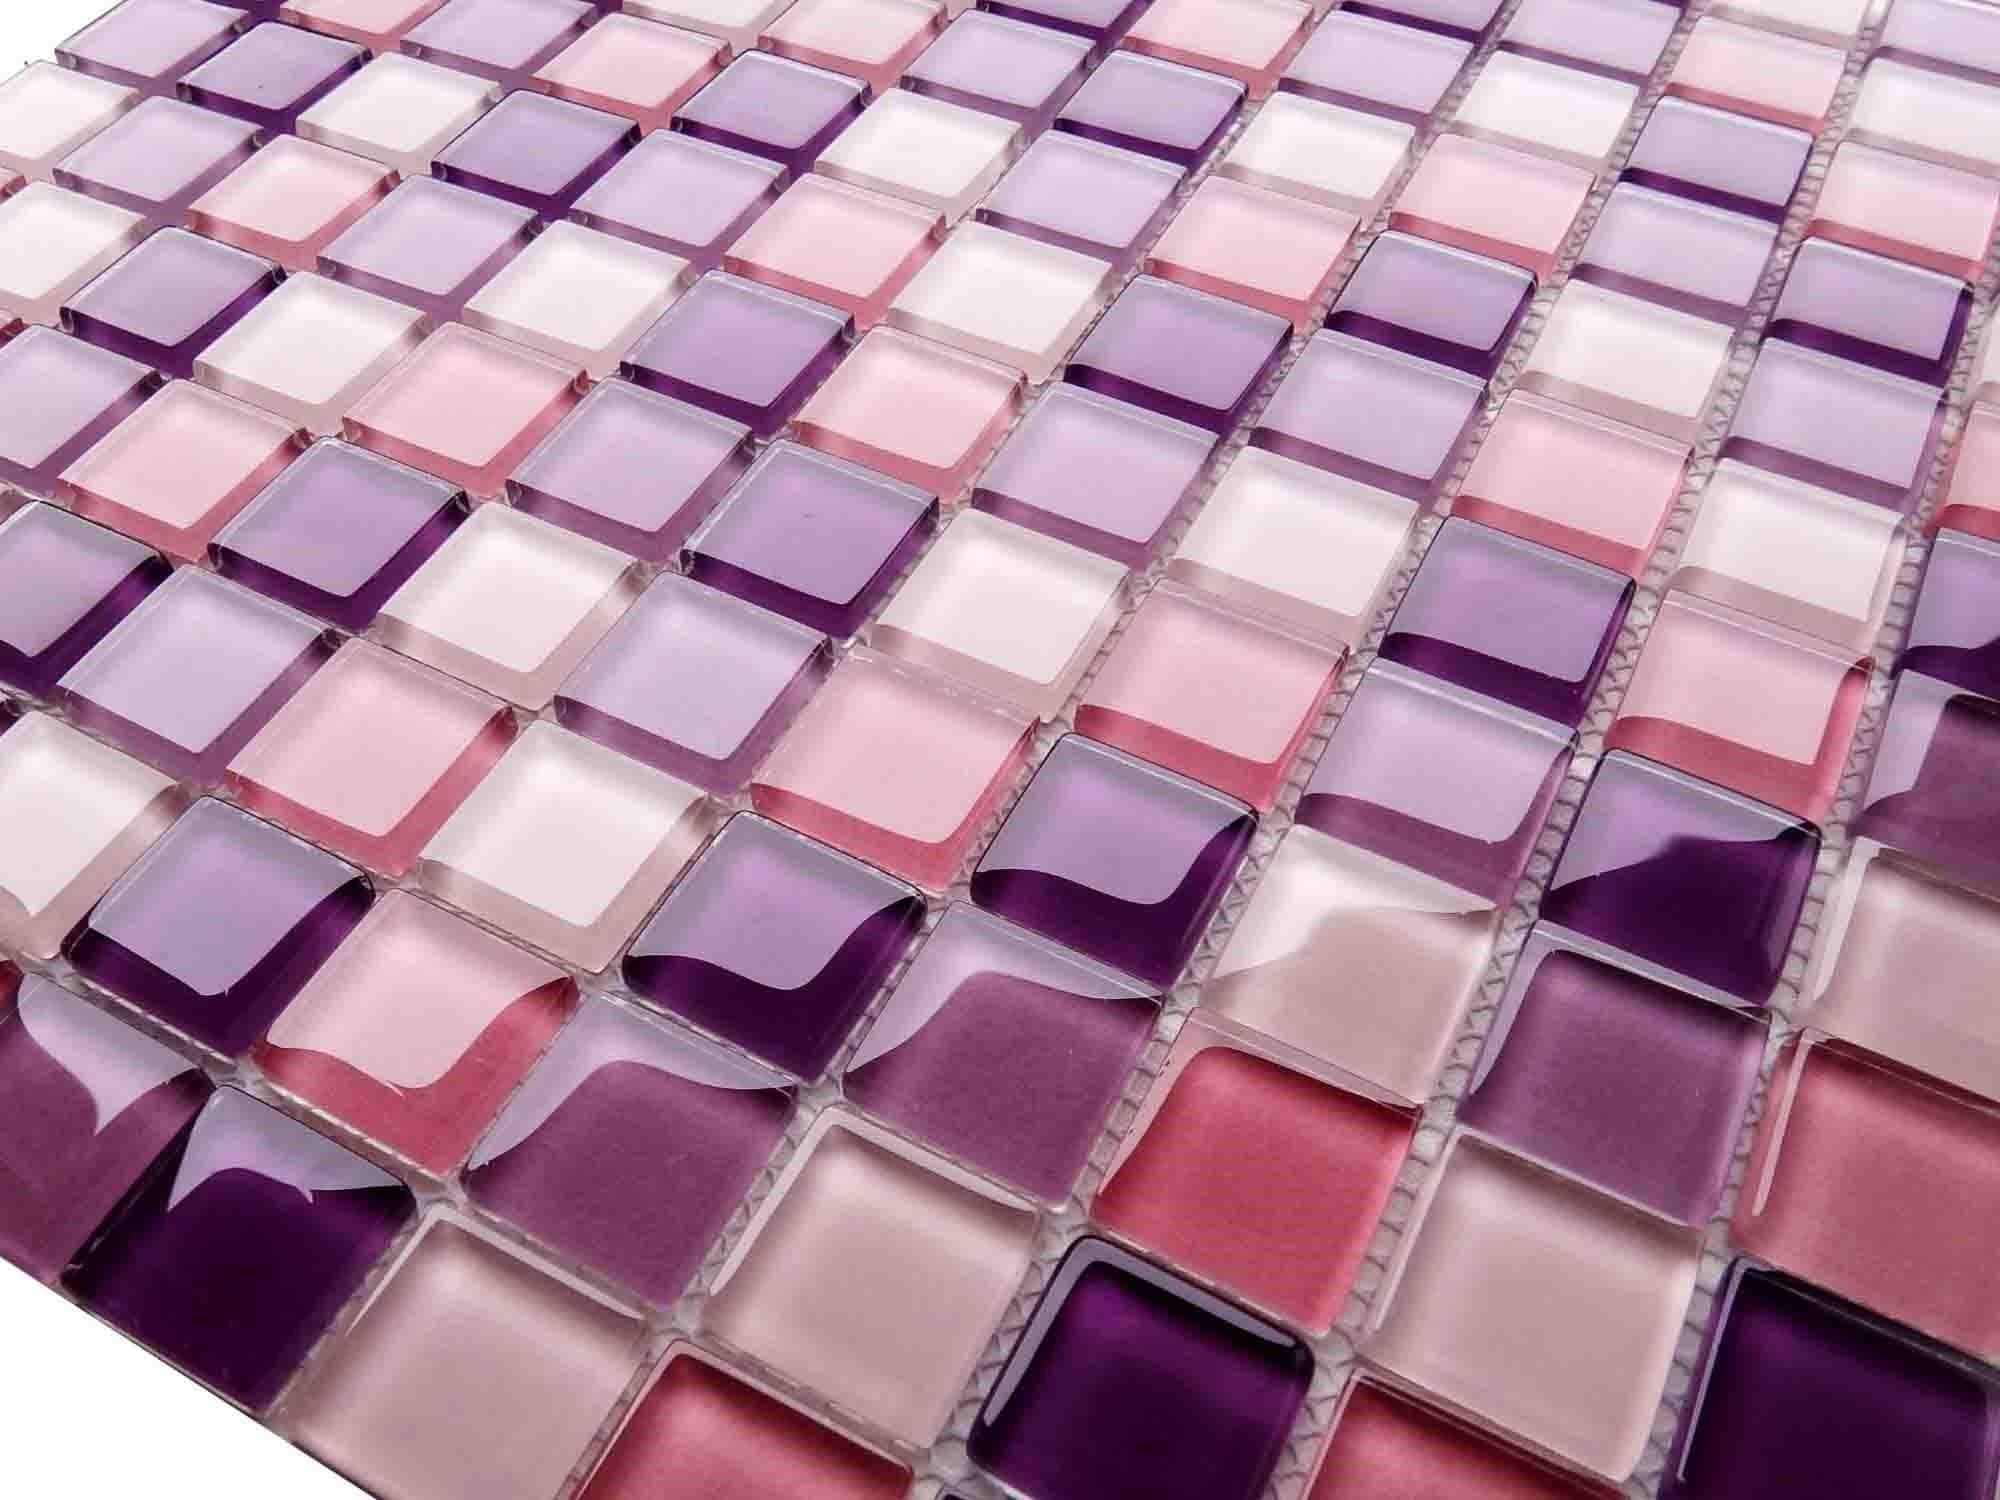 Изготовление стеклянной плитки из подручных средств в домашних условиях